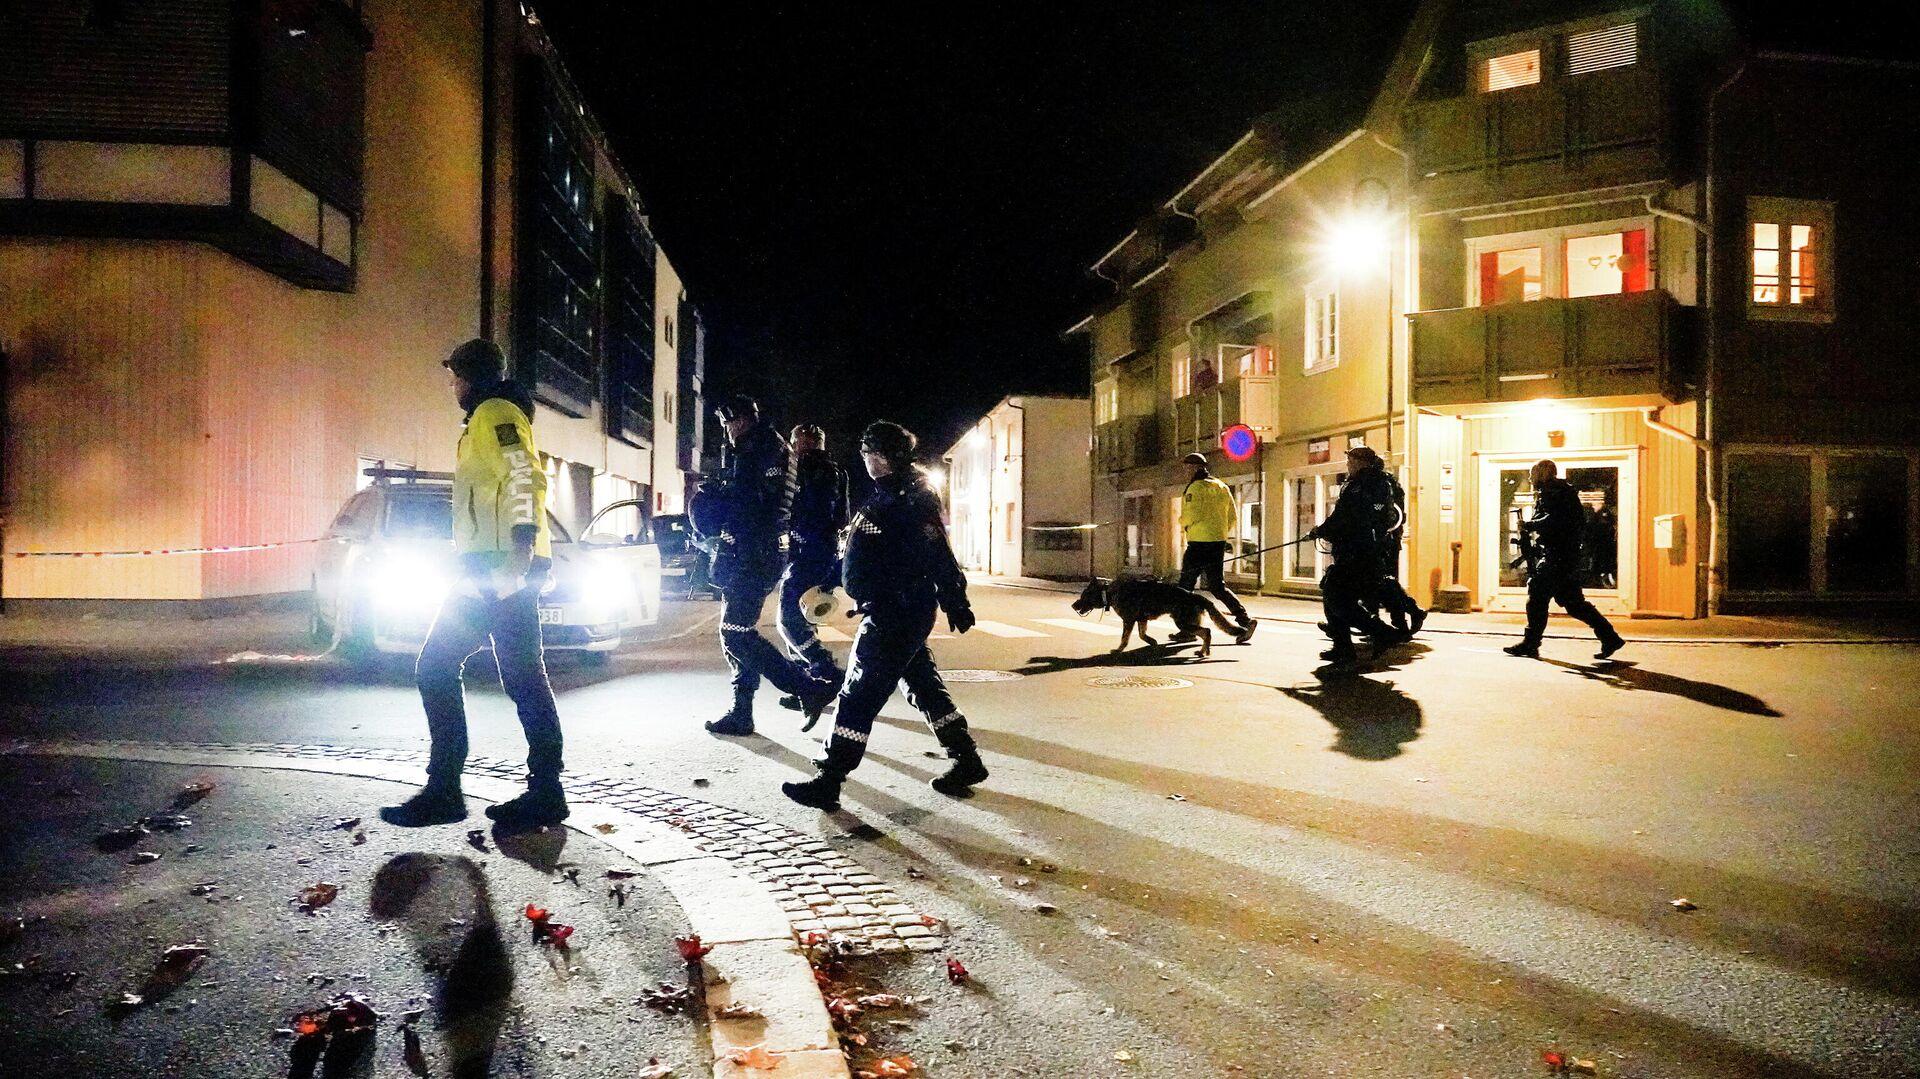 Policía de Noruega investiga ataques en Konsberg - Sputnik Mundo, 1920, 13.10.2021